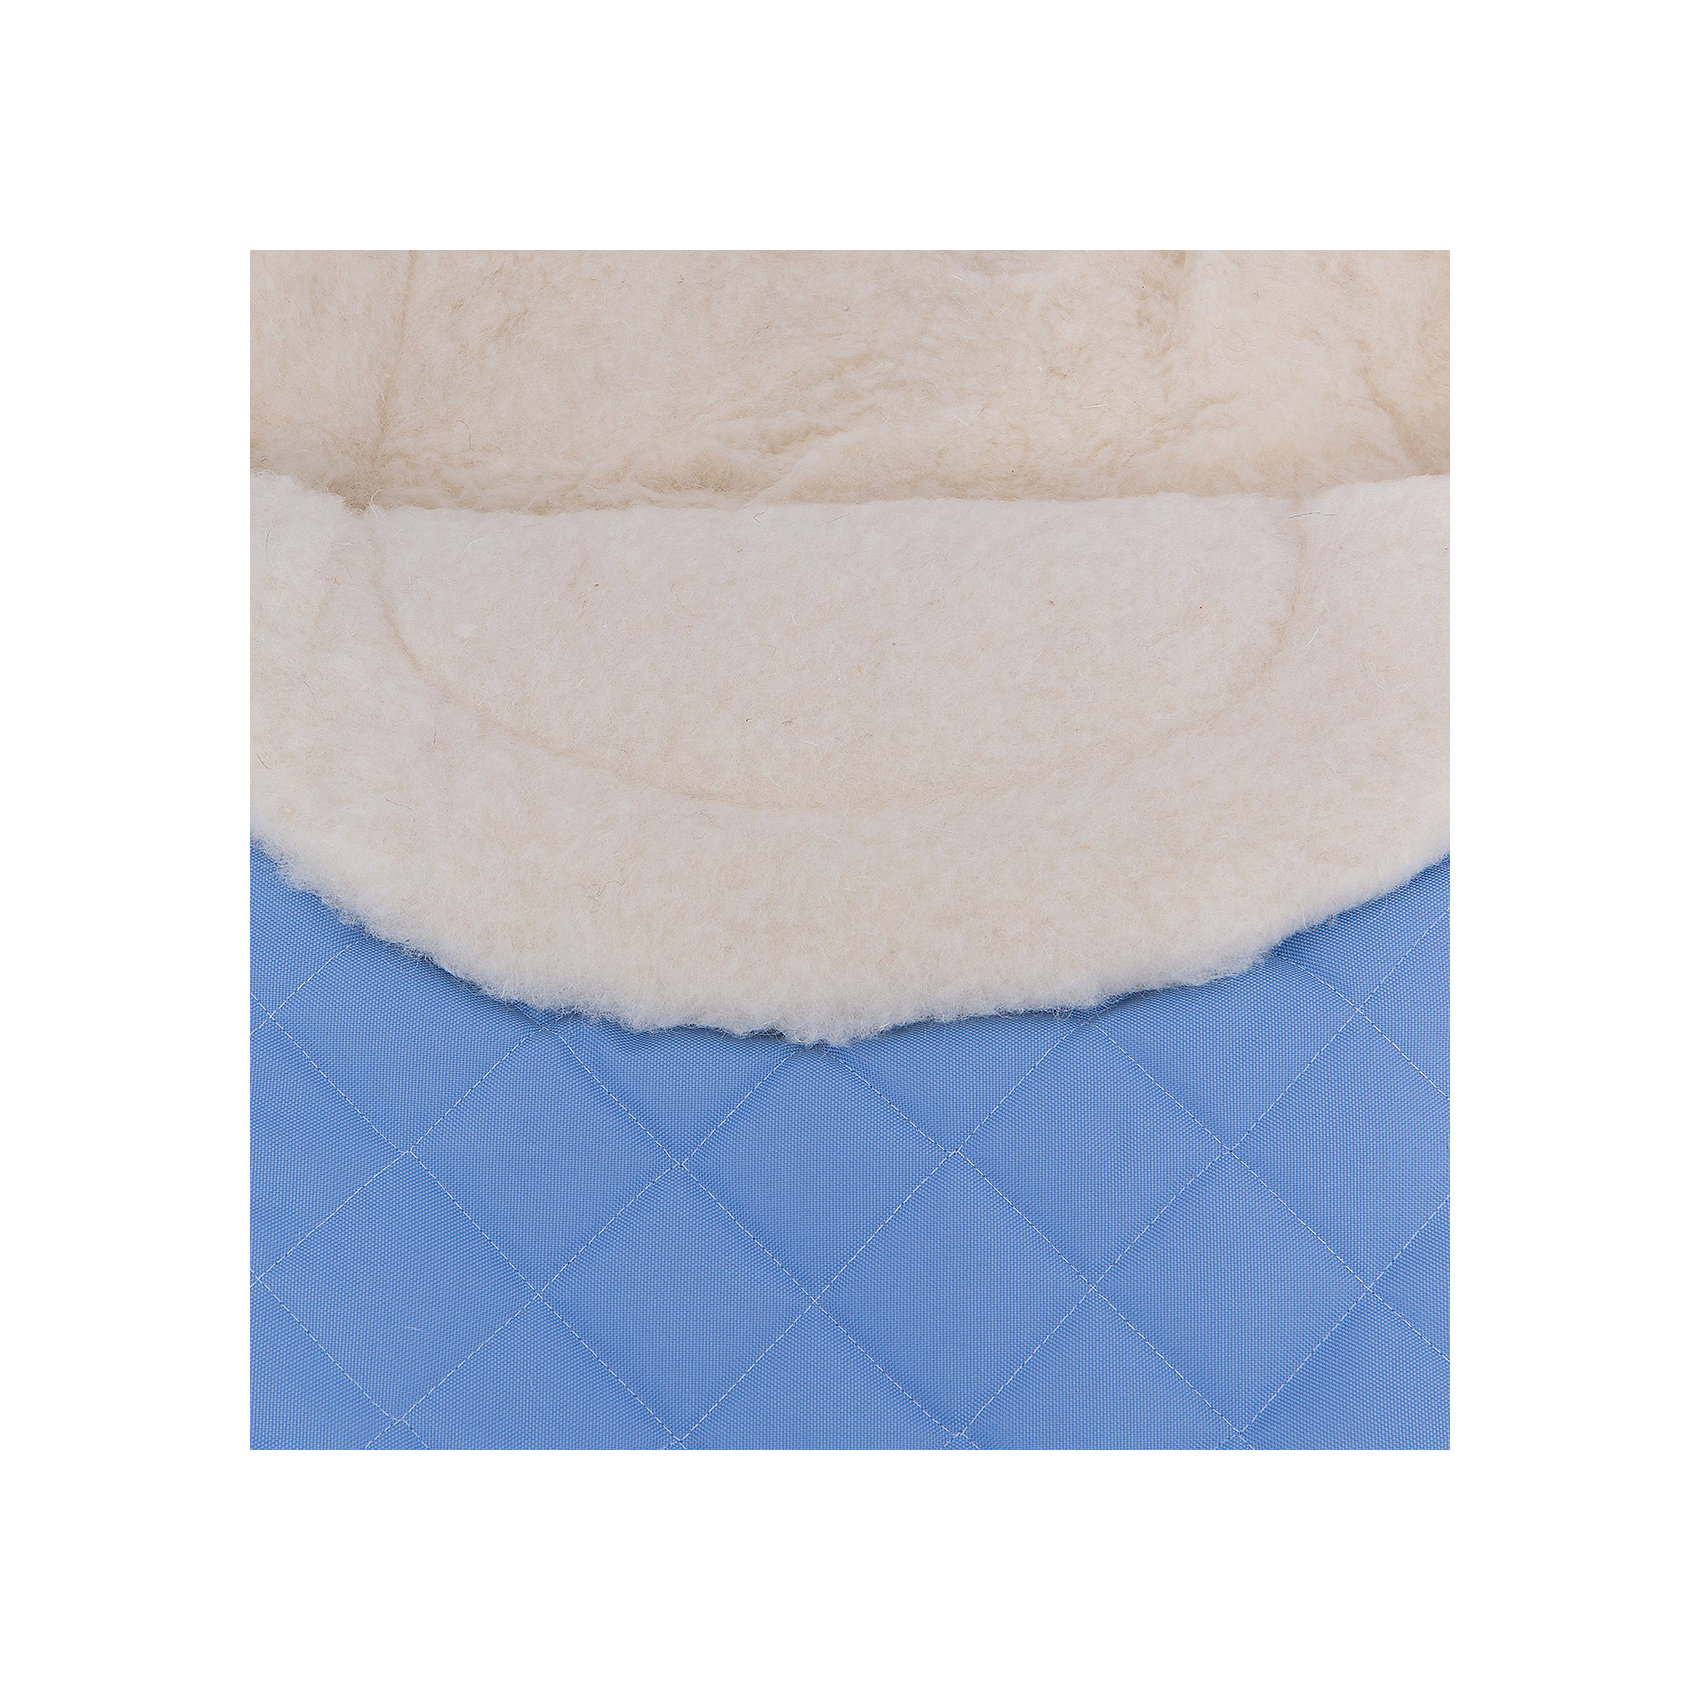 Конверт зимний №64 Exclusive, 95*50, шерсть, Womar, голубой